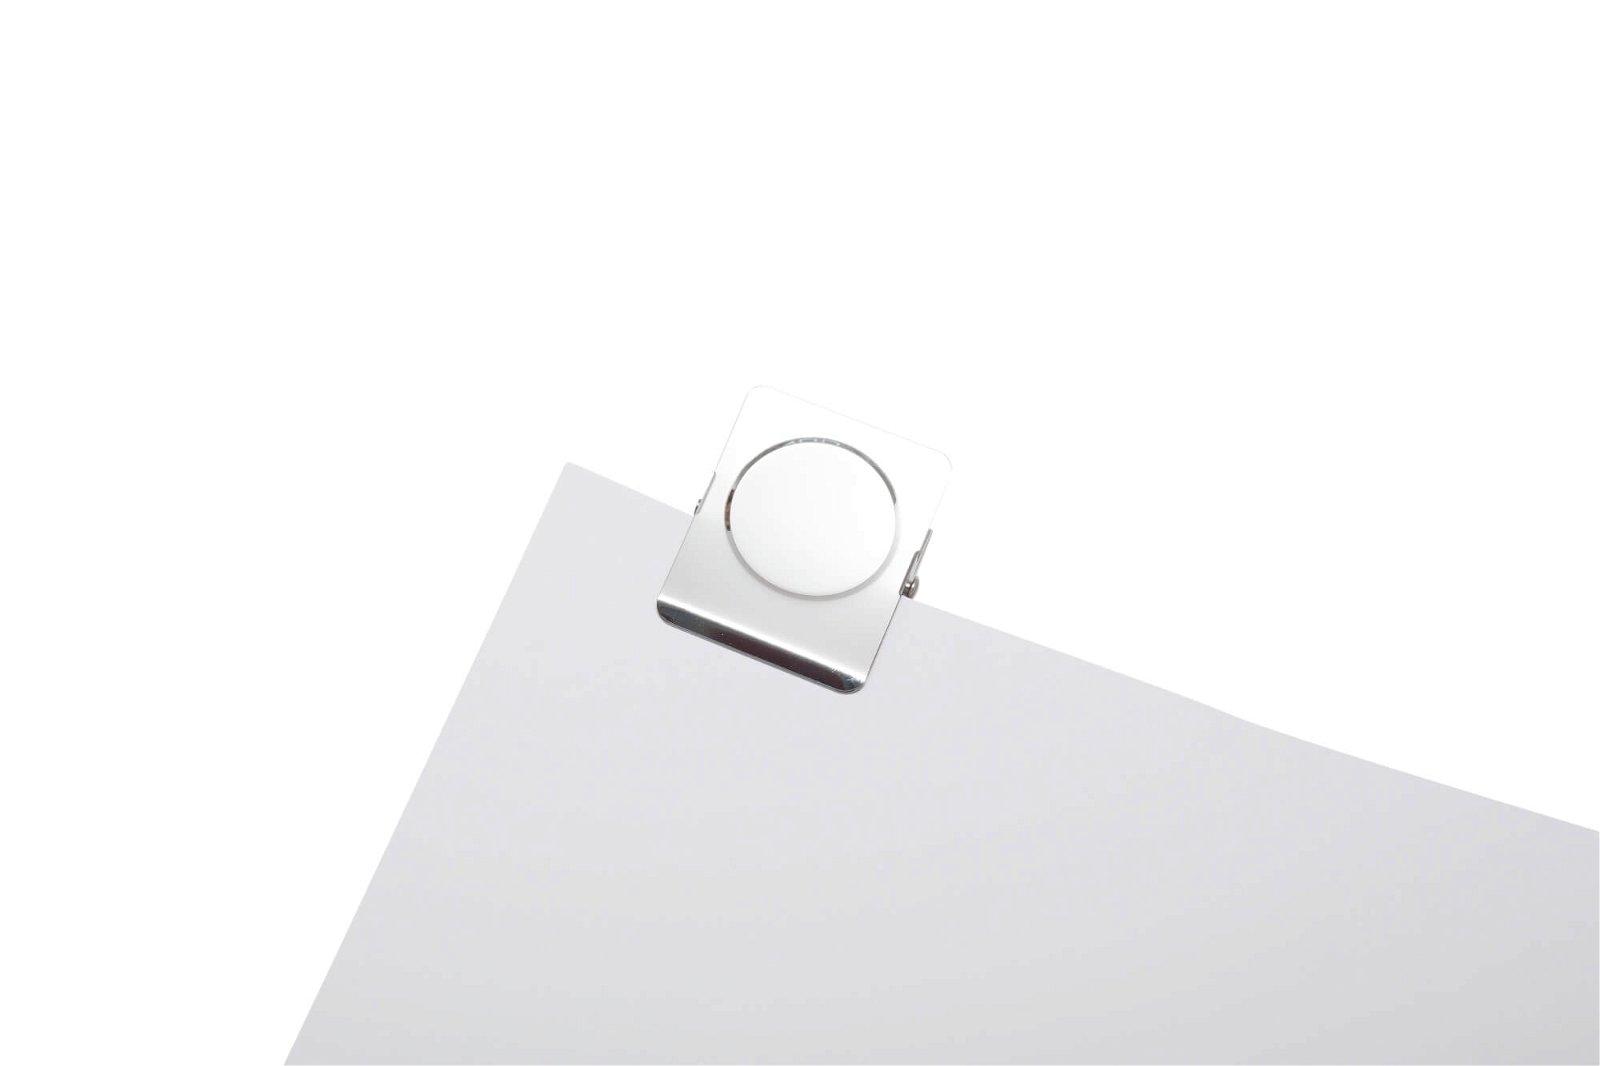 Papier-Klemmer mit Magnet, SB-Verpackung